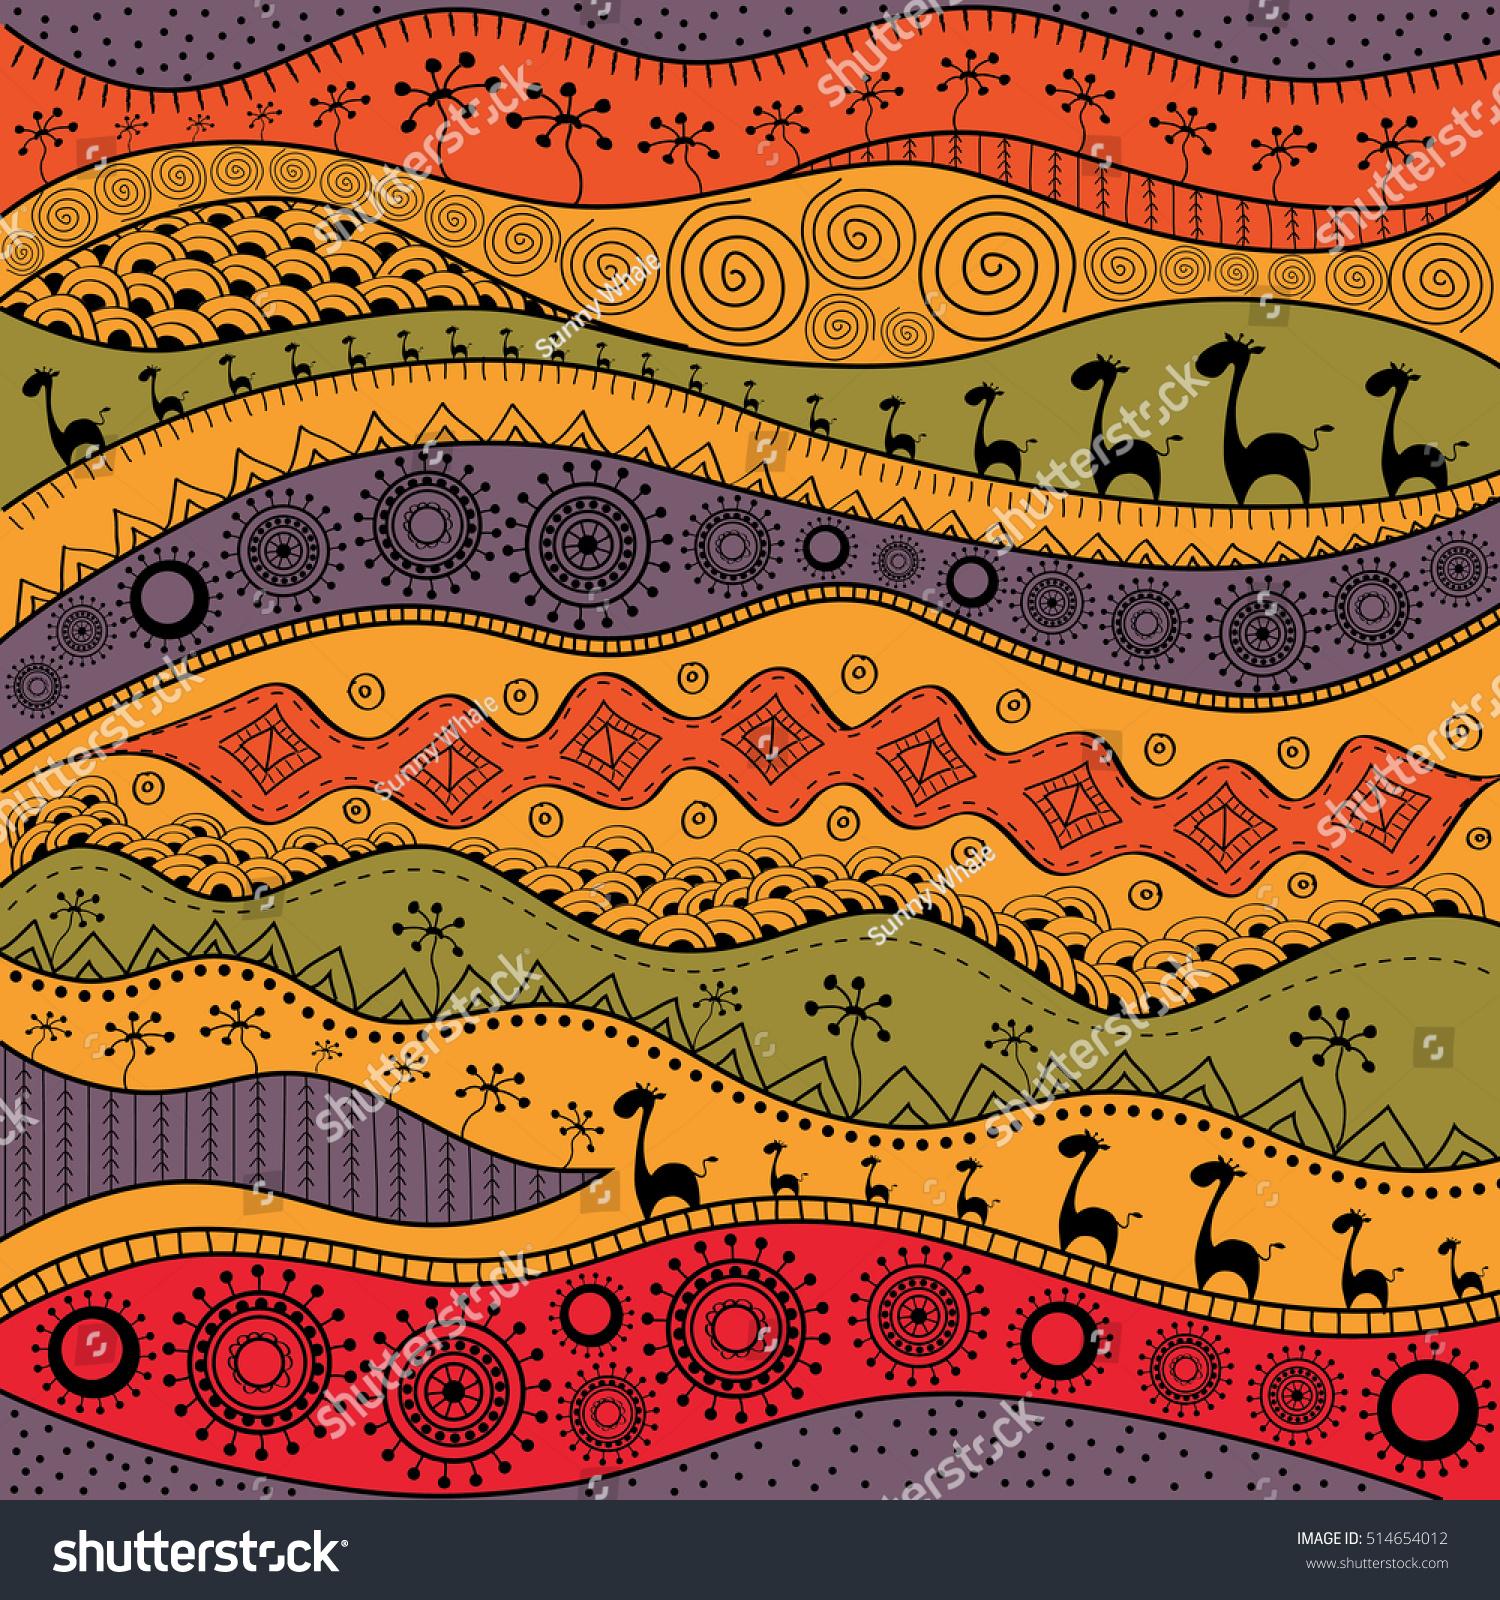 部族の背景にアフリカの手描きの民族柄 壁紙 ウェブページなどに使用できます ベクターイラスト のベクター画像素材 ロイヤリティフリー